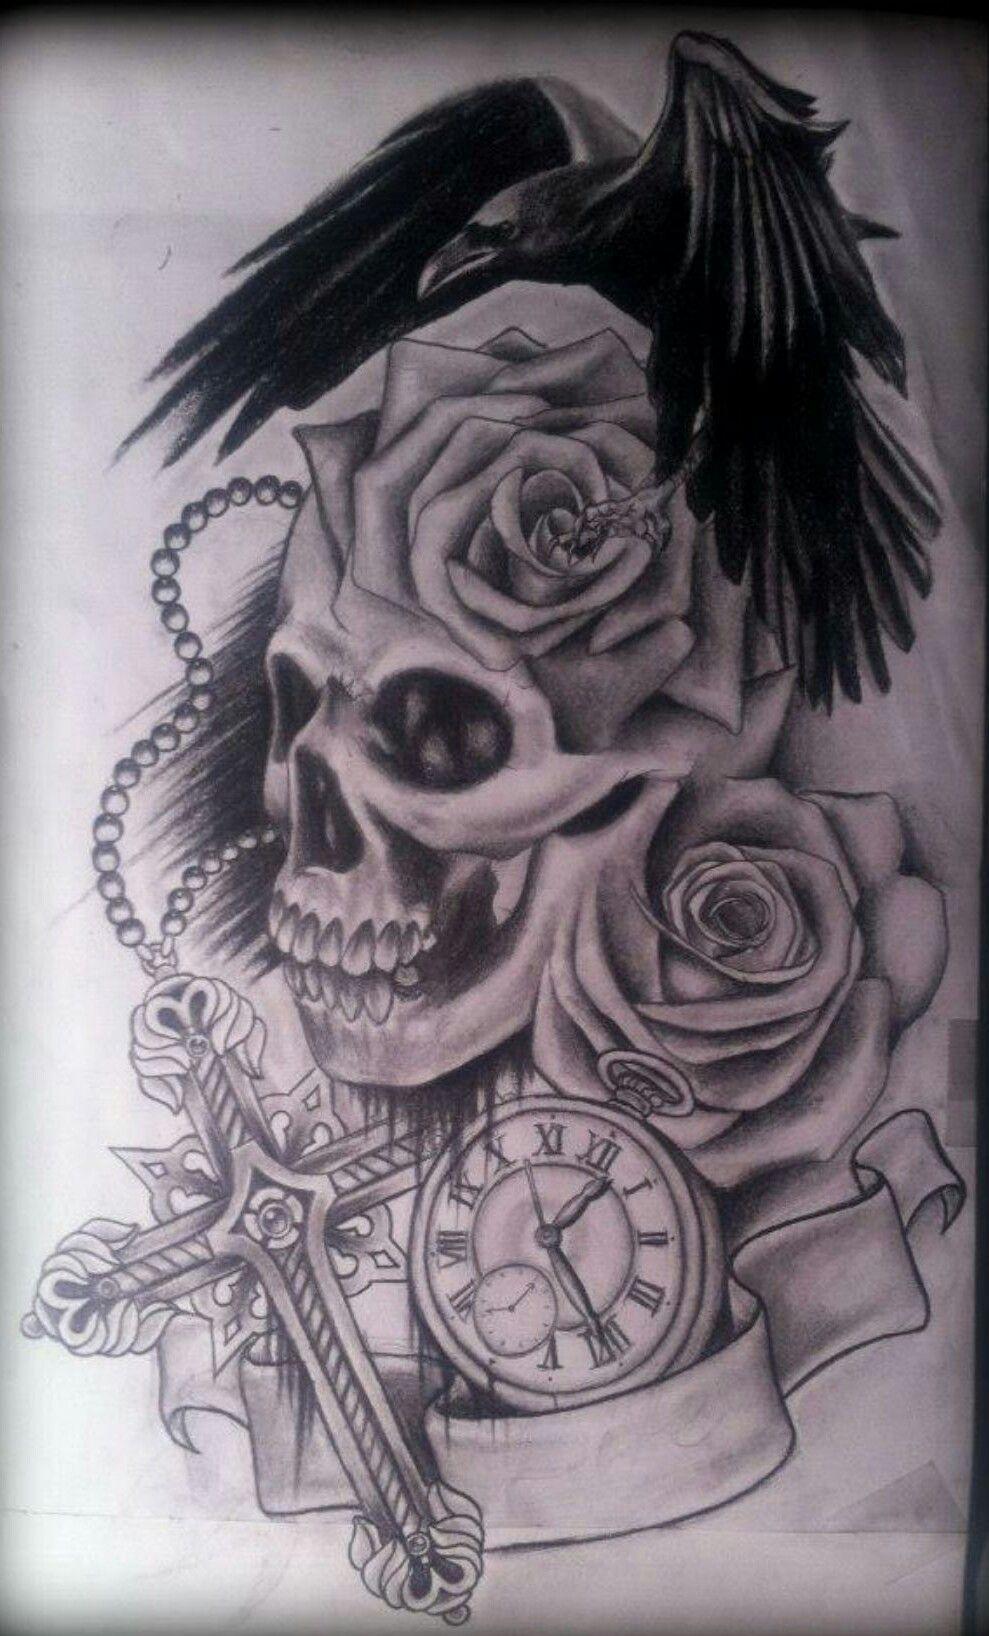 raven n skull tattoo zeichnungen pinterest tattoo uhr tattoo zeichnungen und sanduhr. Black Bedroom Furniture Sets. Home Design Ideas